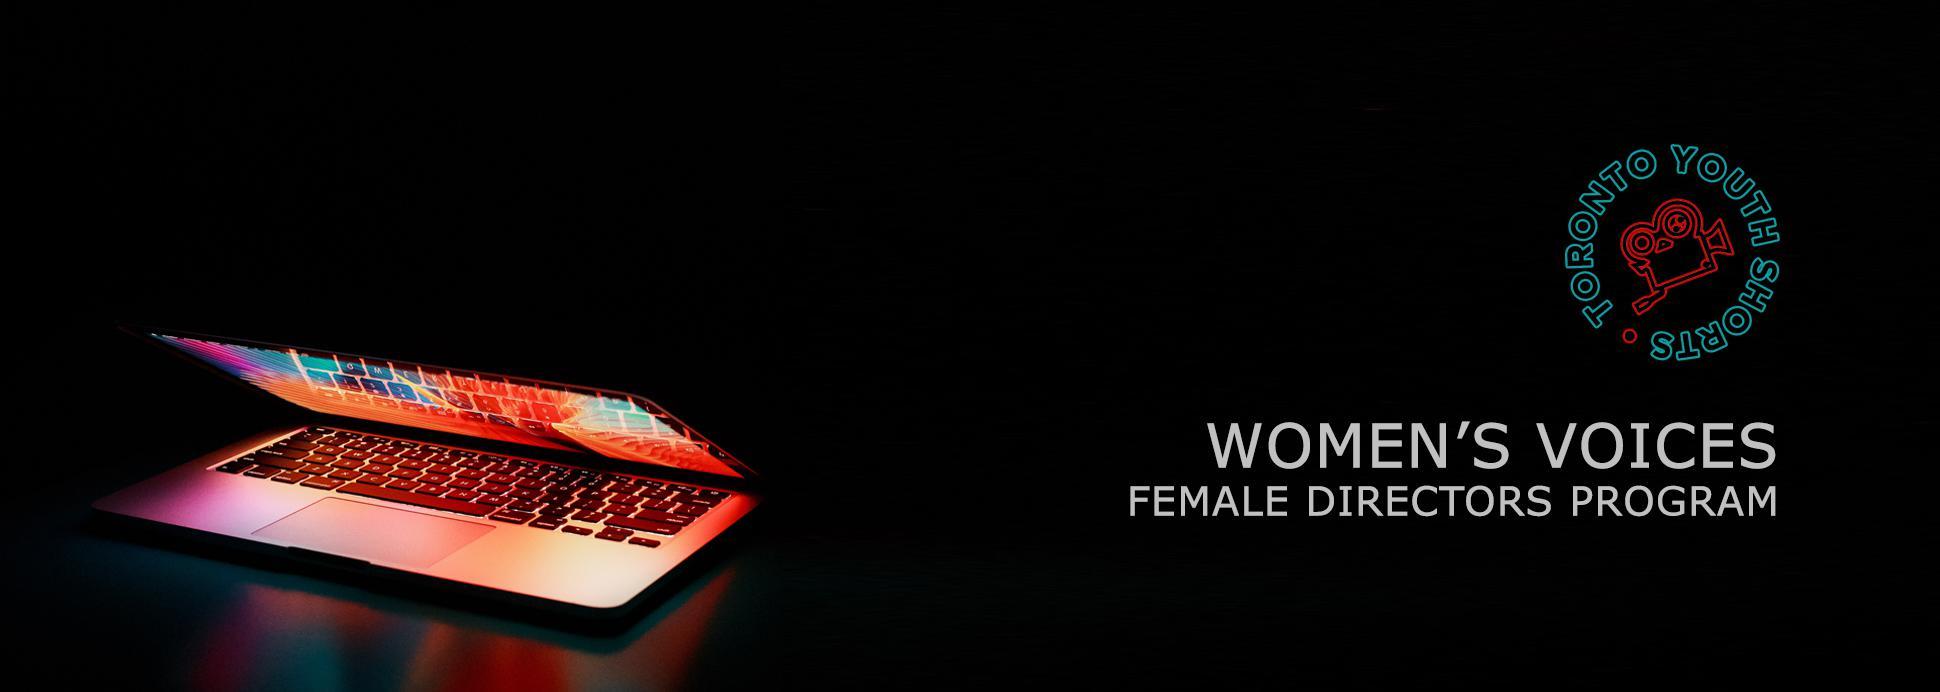 Women's Voices